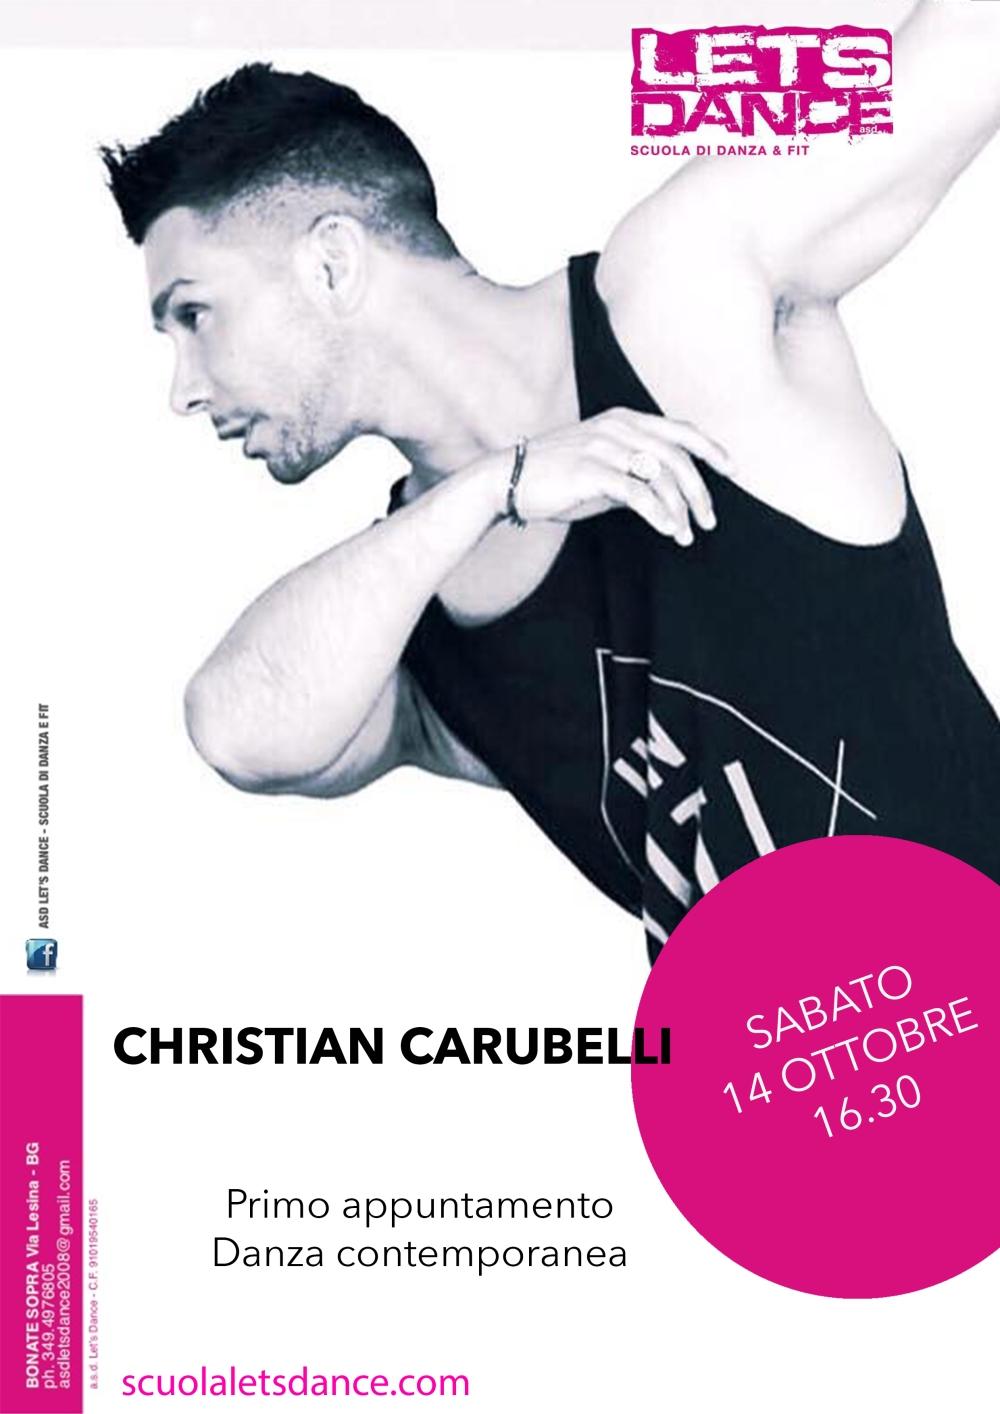 20171014_Lets_Carubelli.jpg